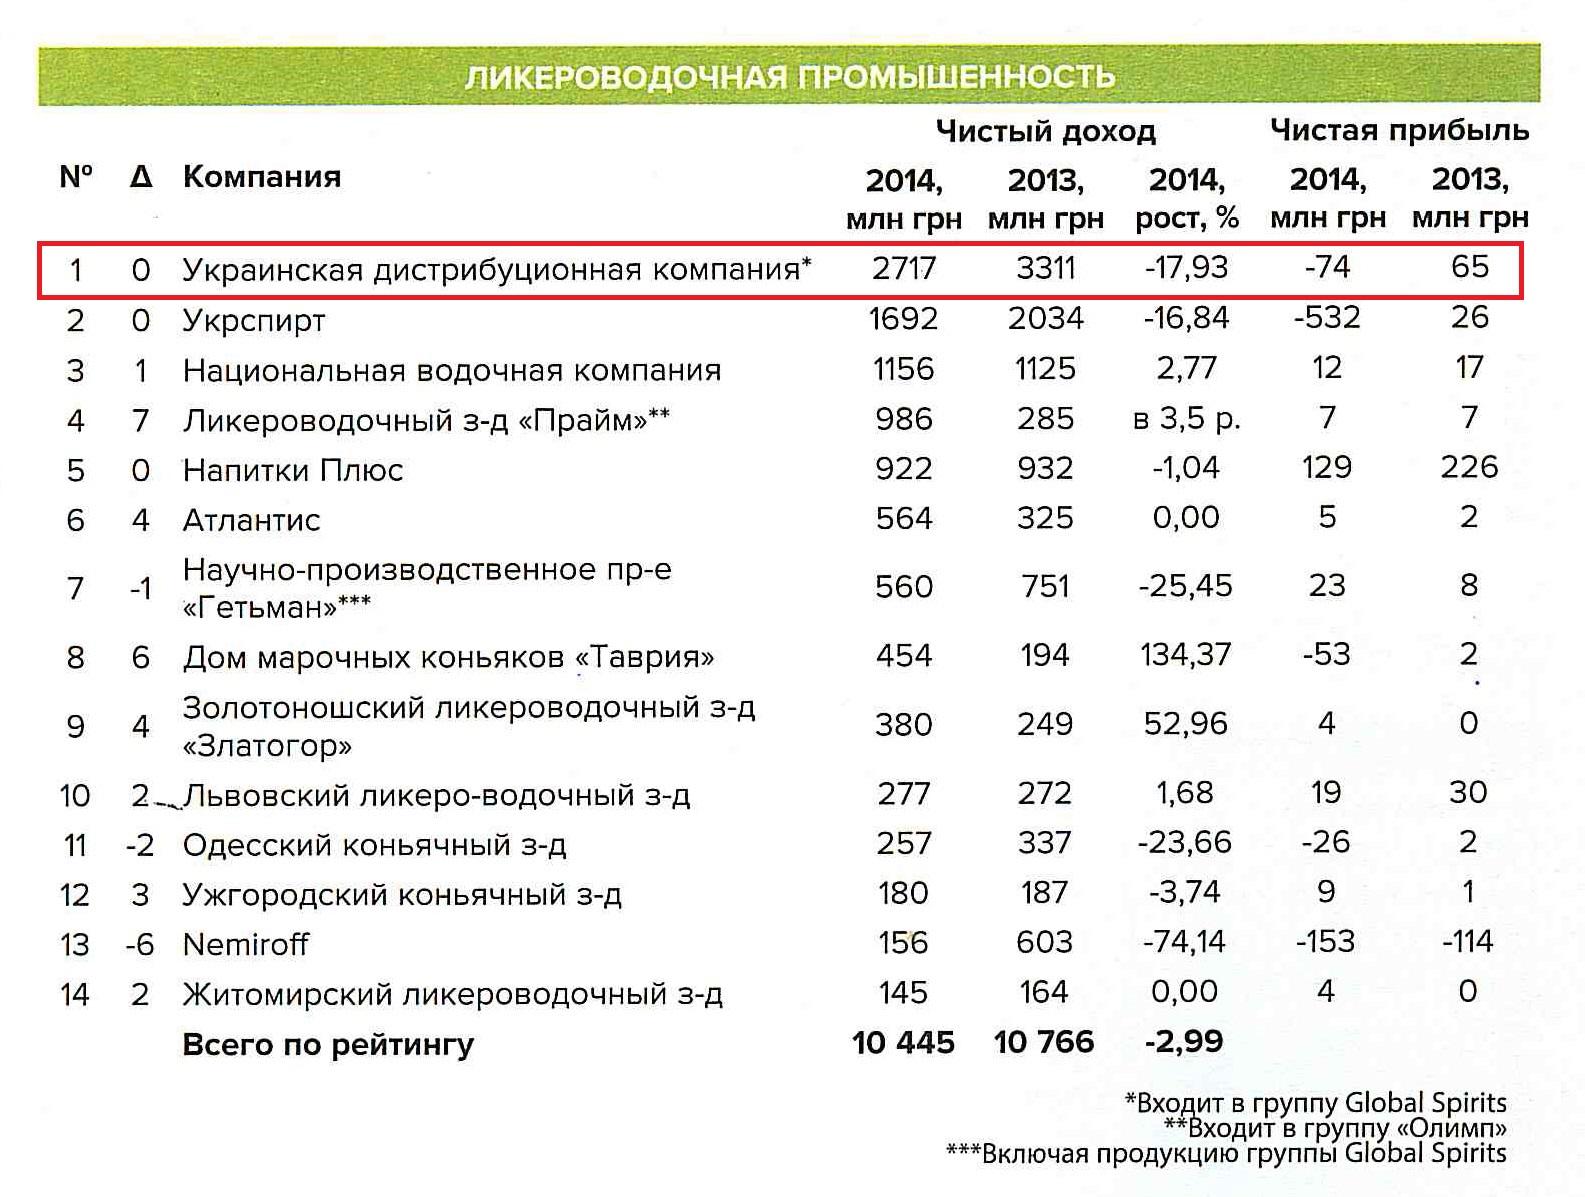 Фото: ТОП 100 назвав найбільші холдинги в Україні (Лікеро-горілчана промисловість).